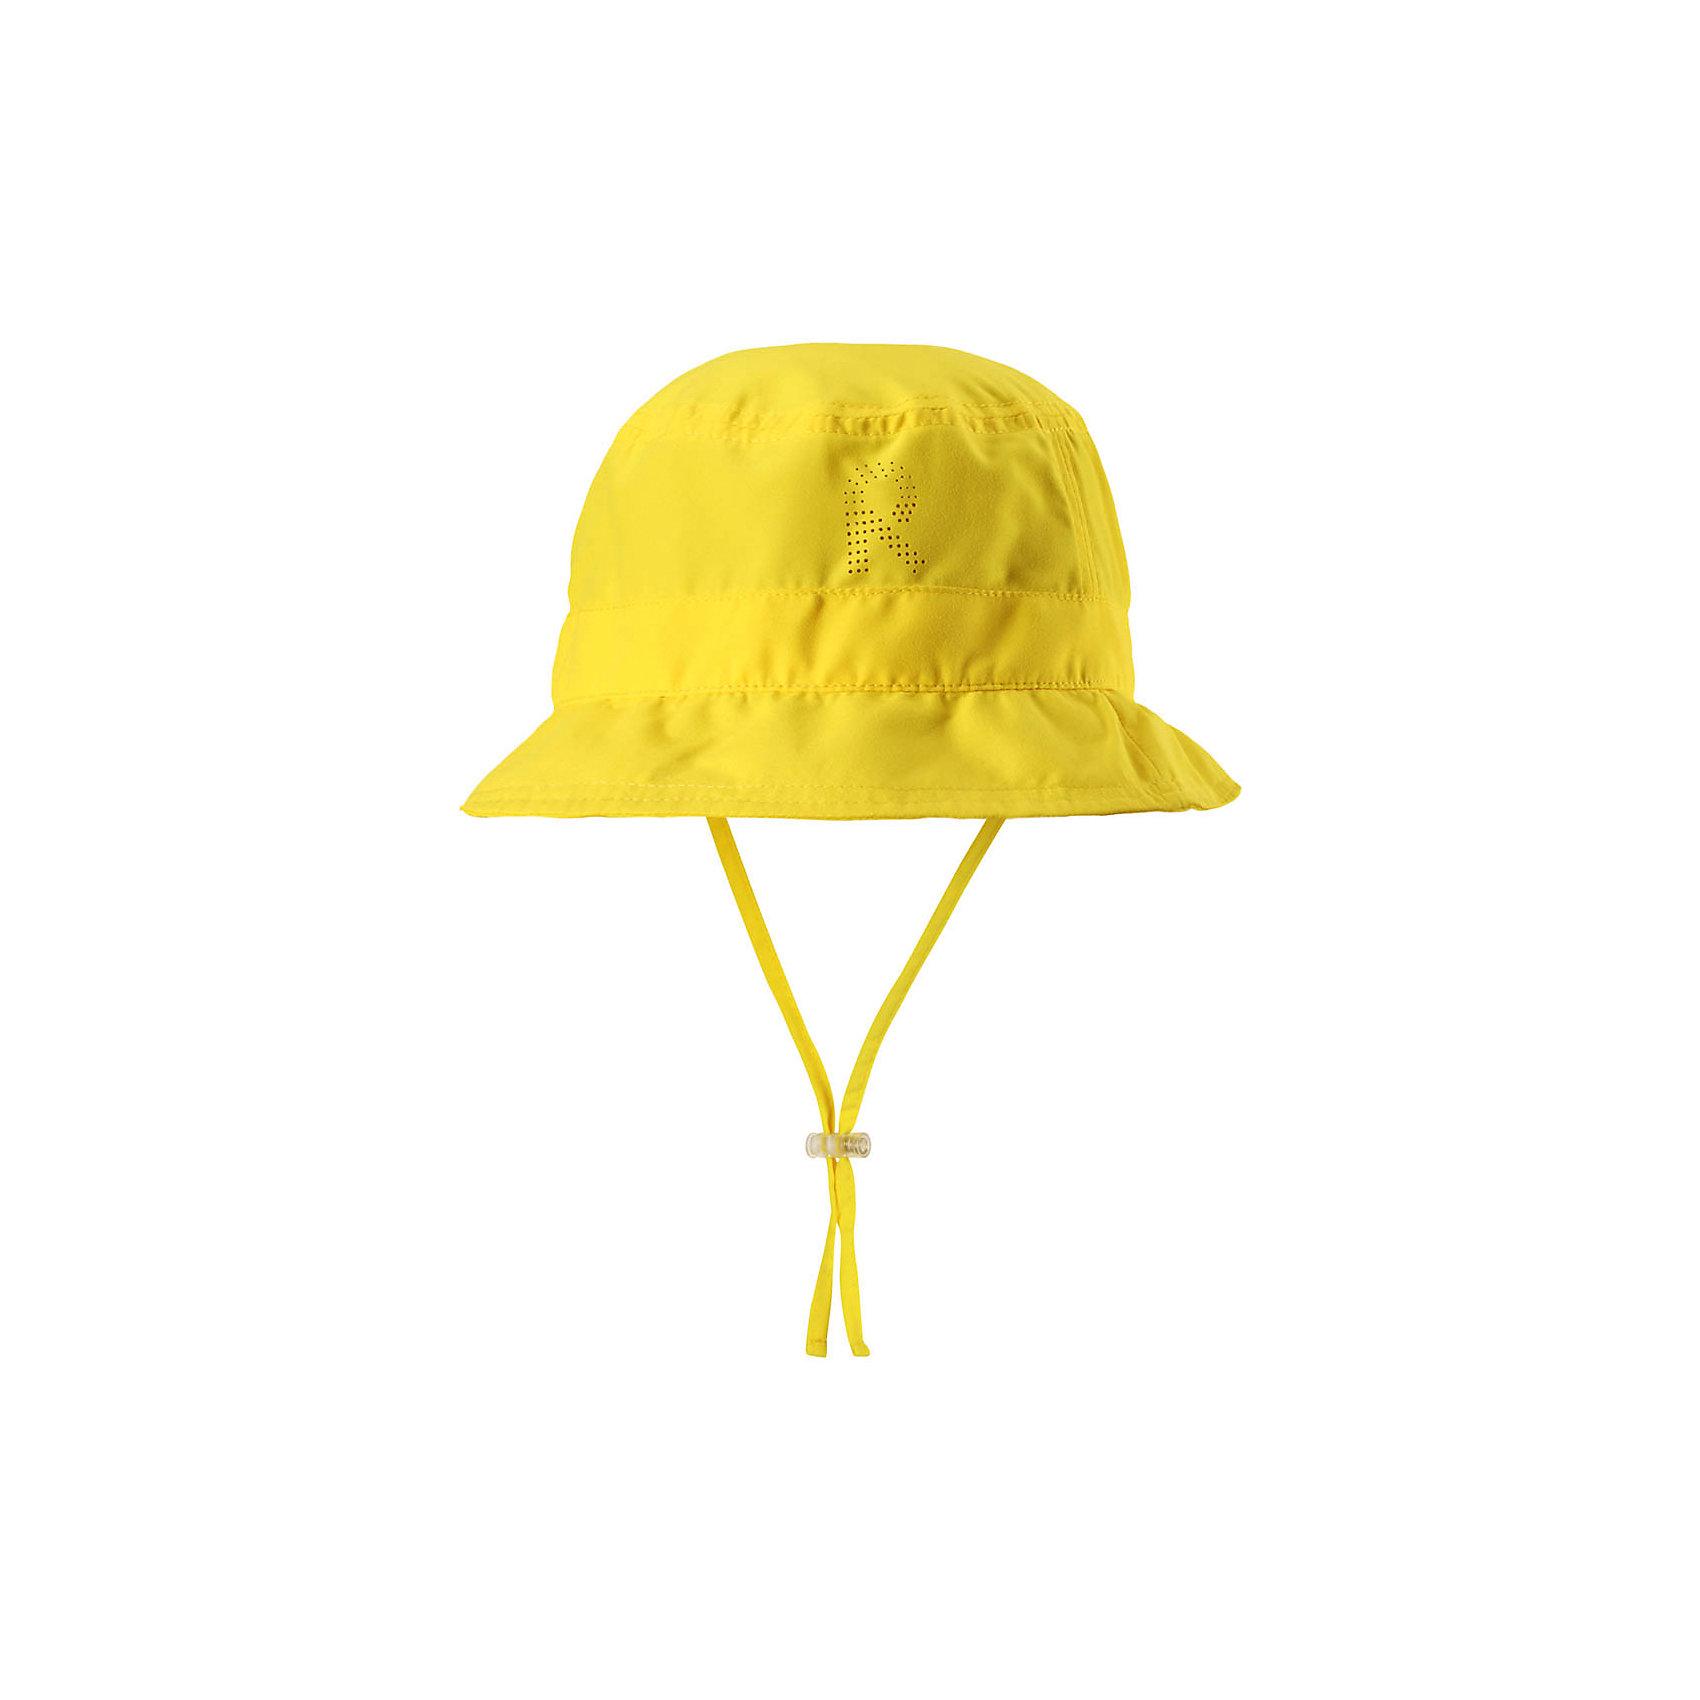 Панама Reima TropicalГоловные уборы<br>Характеристики товара:<br><br>• цвет: желтый;<br>• состав: 100% полиэстер;<br>• солнцезащитная панама;<br>• стильный защитный козырек;<br>• фактор защиты от ультрафиолета 50+;<br>• легкий стиль, без подкладки;<br>• страна бренда: Финляндия;<br>• страна изготовитель: Китай.<br><br>Классная защитная панама для малышей и детей постарше с фактором УФ-защиты 50+. Козырек панамы защищает лицо и глаза от вредного ультрафиолета. Изготовлена из дышащего и легкого материала SunProof. Облегченная модель без подкладки а чтобы ветер не унес эту новую очаровательную панаму, просто завяжите завязки!<br><br>Панаму Tropical Reima от финского бренда Reima (Рейма) можно купить в нашем интернет-магазине.<br><br>Ширина мм: 89<br>Глубина мм: 117<br>Высота мм: 44<br>Вес г: 155<br>Цвет: желтый<br>Возраст от месяцев: 72<br>Возраст до месяцев: 84<br>Пол: Унисекс<br>Возраст: Детский<br>Размер: 54,46,48,50,52<br>SKU: 6902447